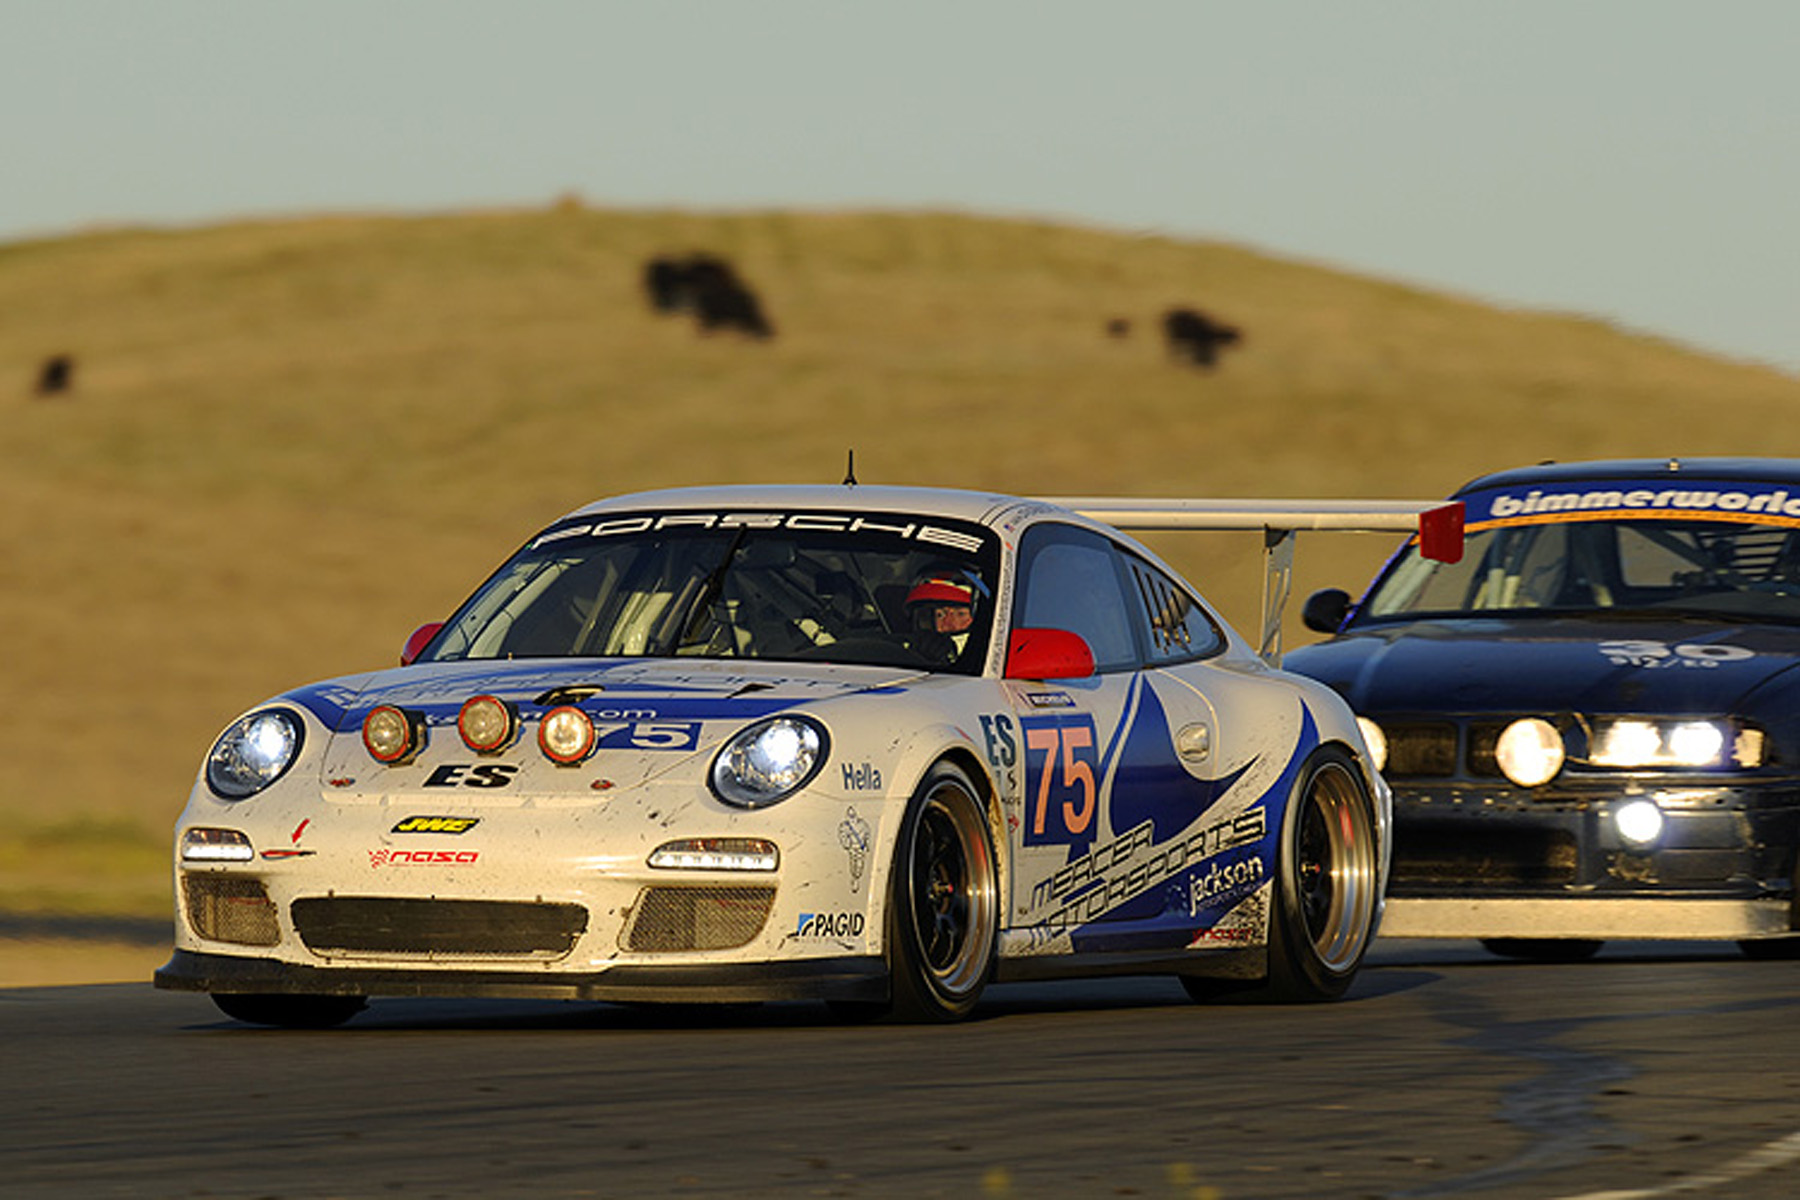 Mercer Motorsports Porsche Gt3 Overall Victor In 25 Hours